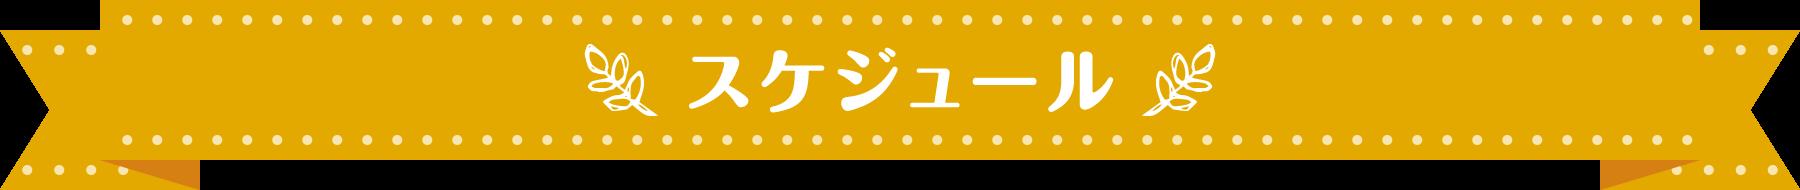 ぽかぽか保育園のスケジュール情報